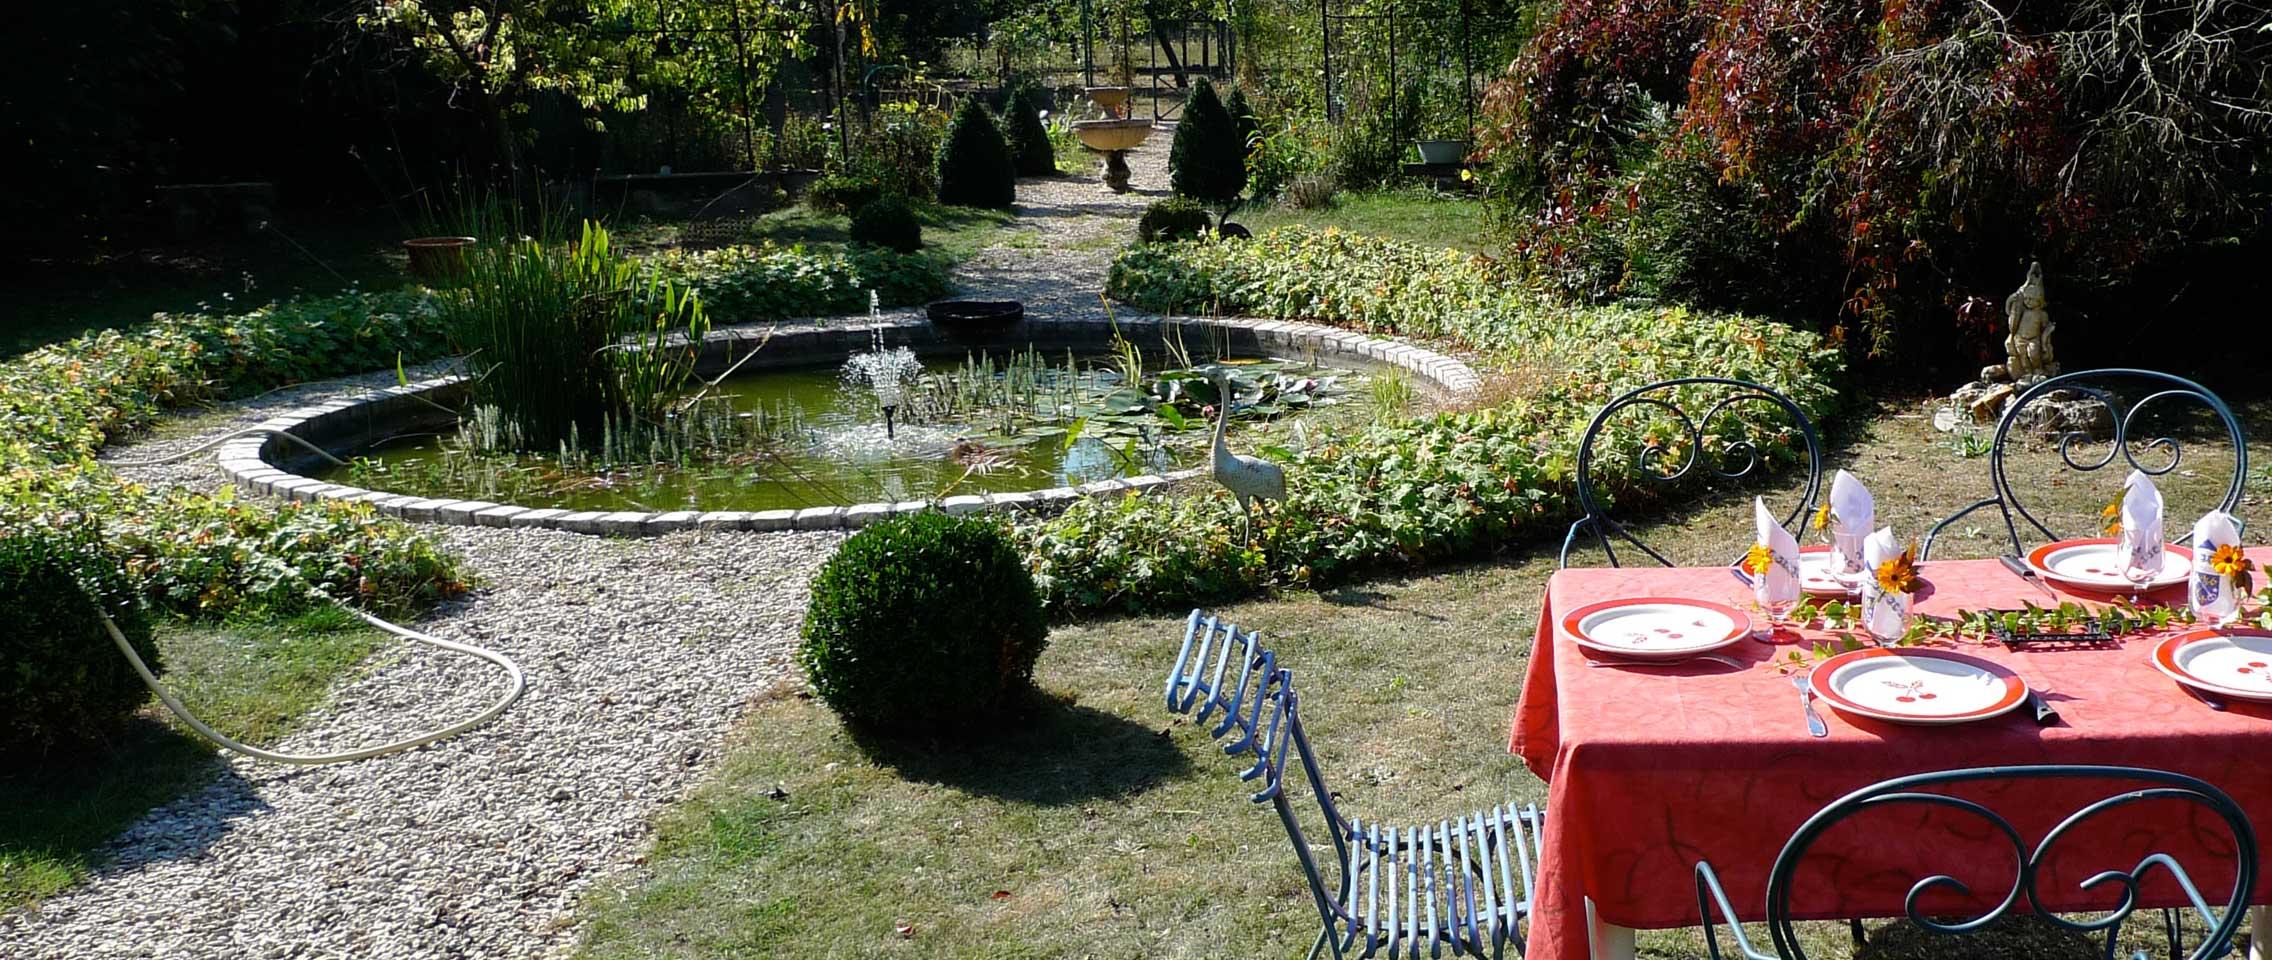 Le bassin du jardin, derrière le gite